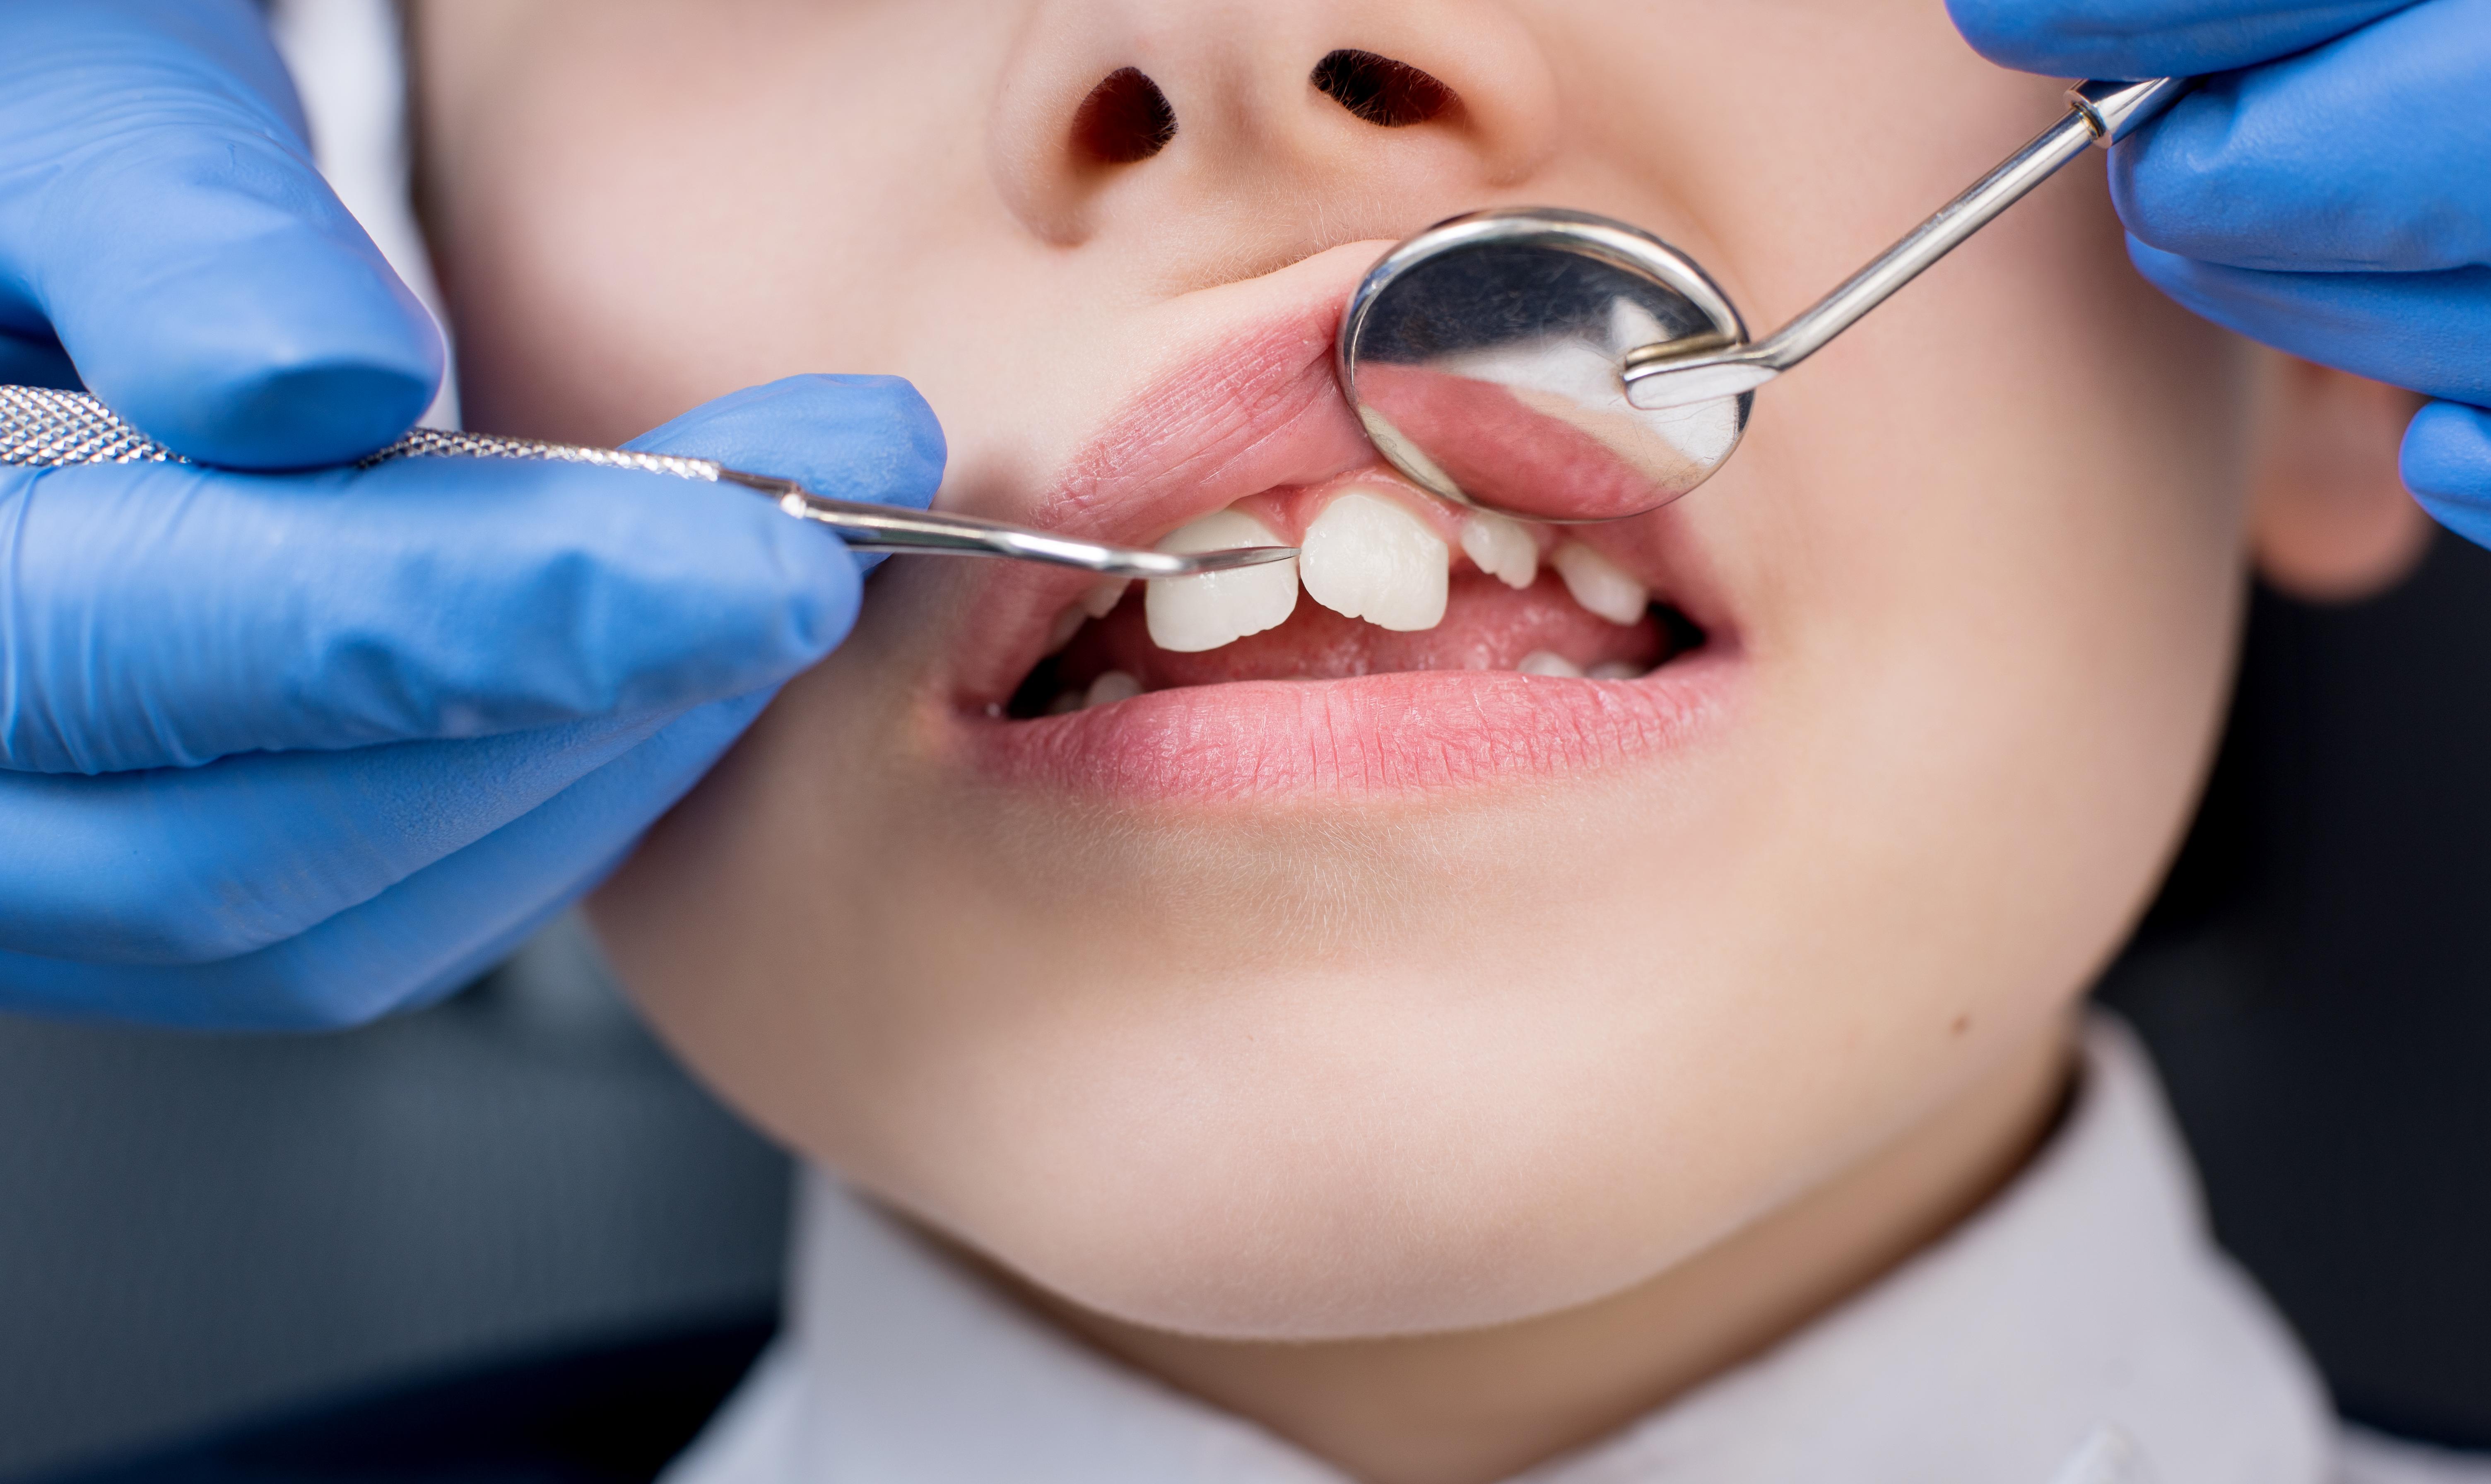 Şase cabinete stomatologice şcolare, unul pentru fiecare sector, s-au redeschis in Bucuresti